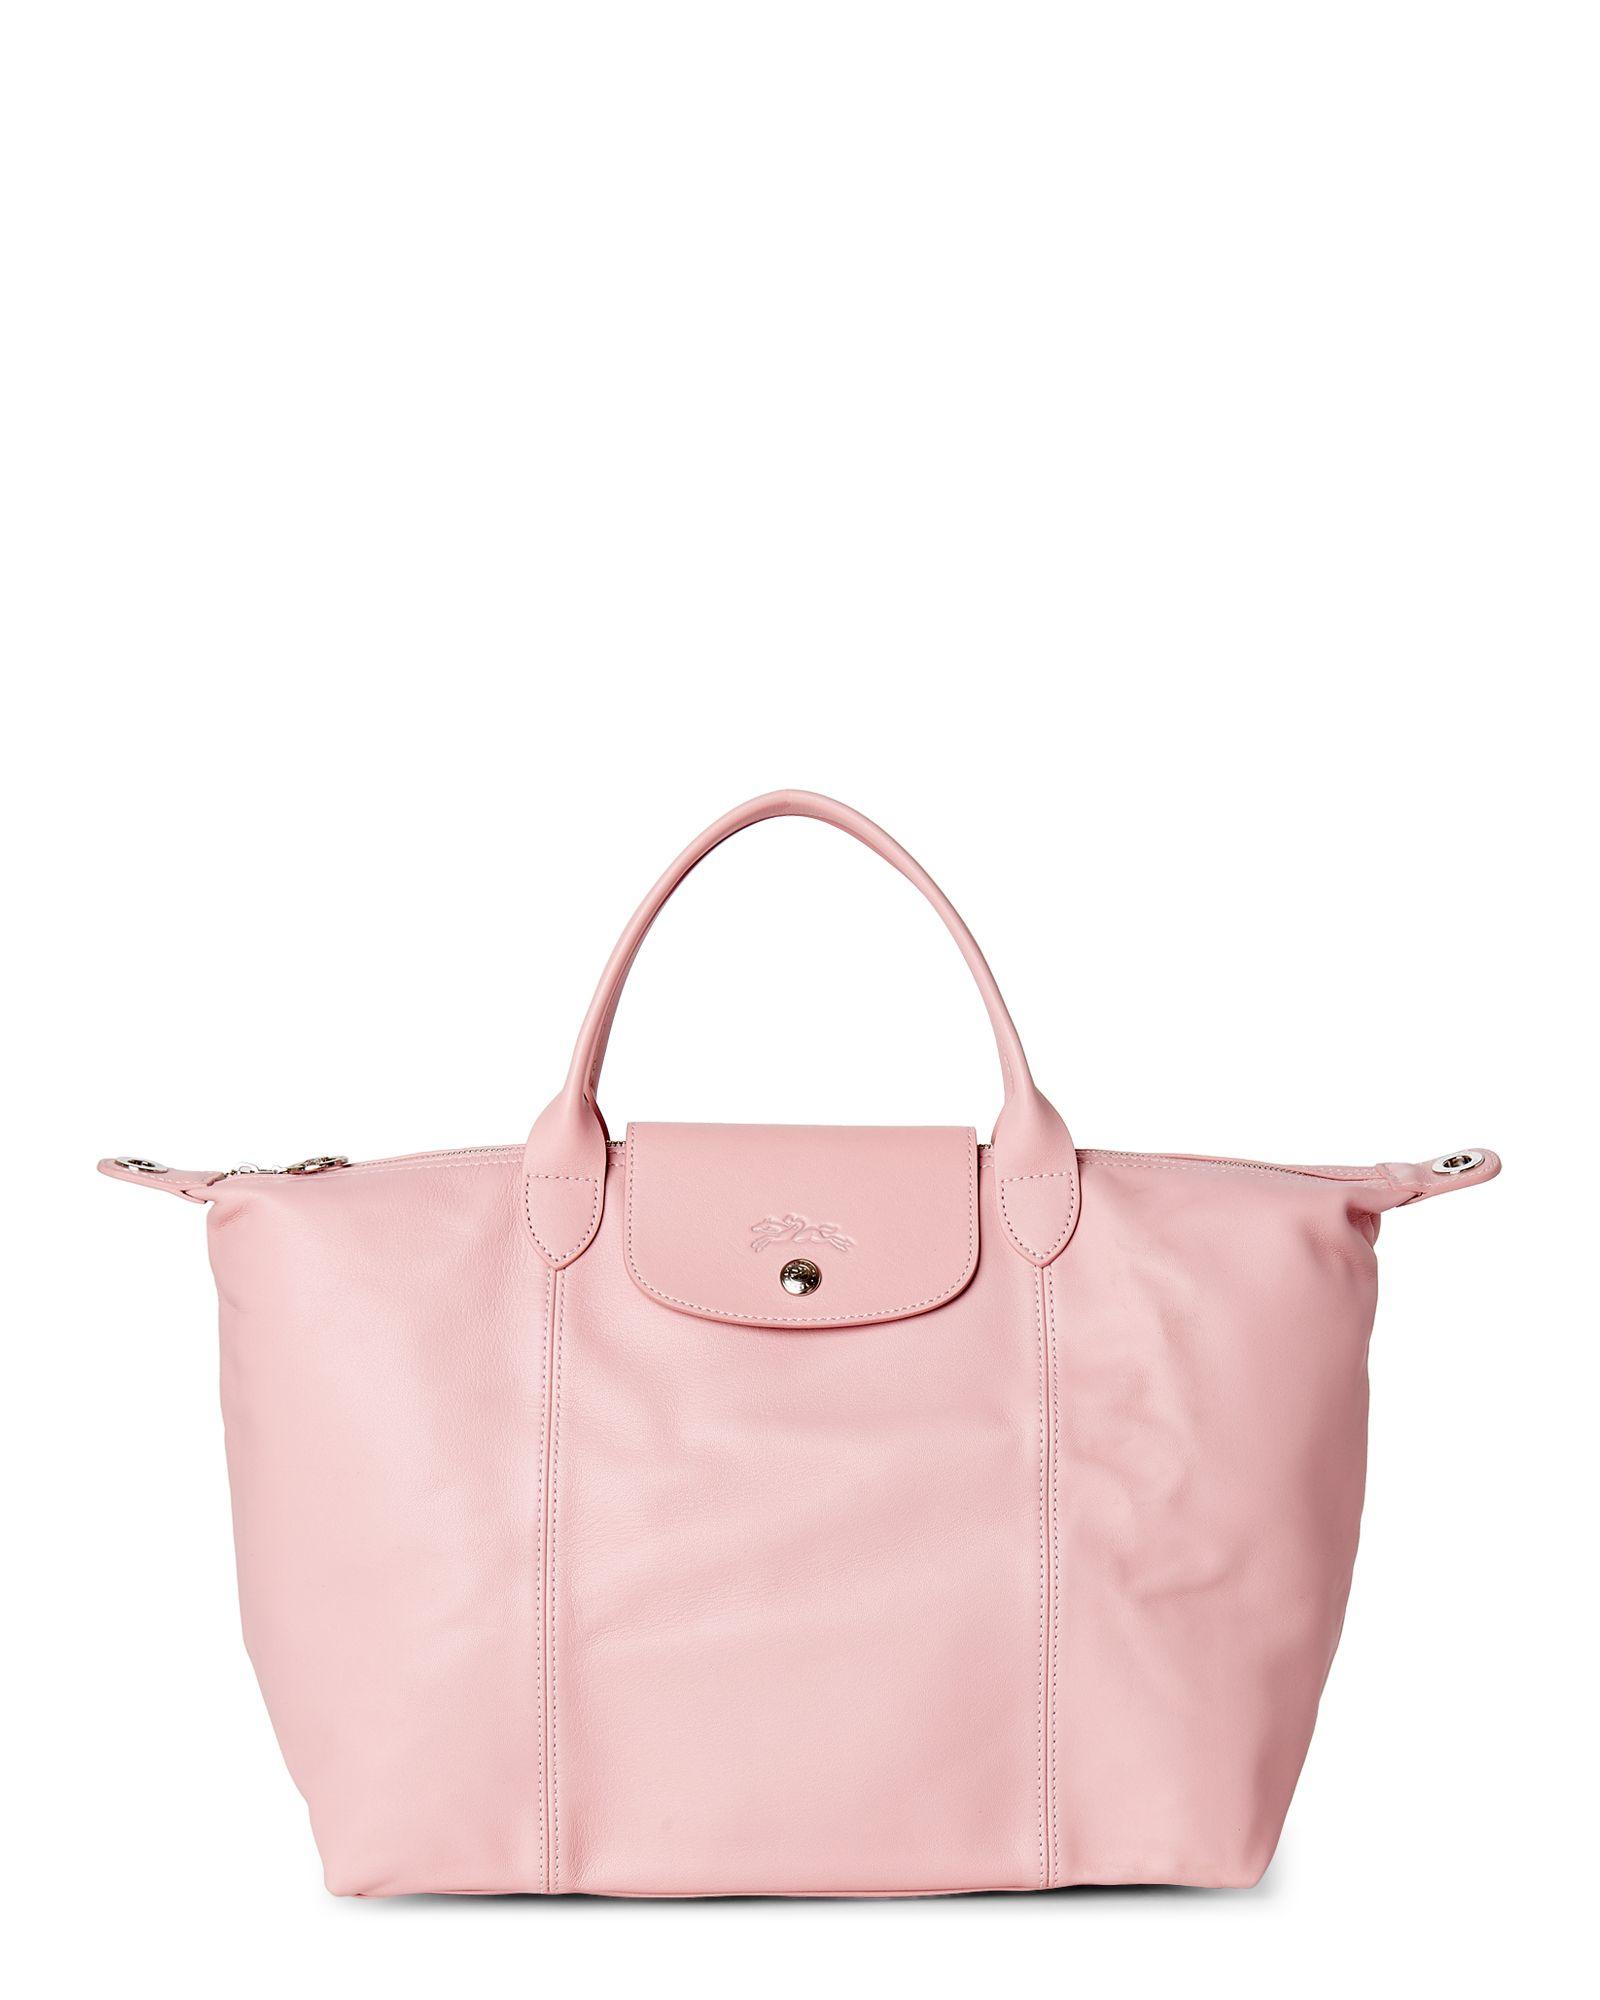 Longchamp Powder Pink Le Pliage Cuir Medium Satchel | Longchamp le ...